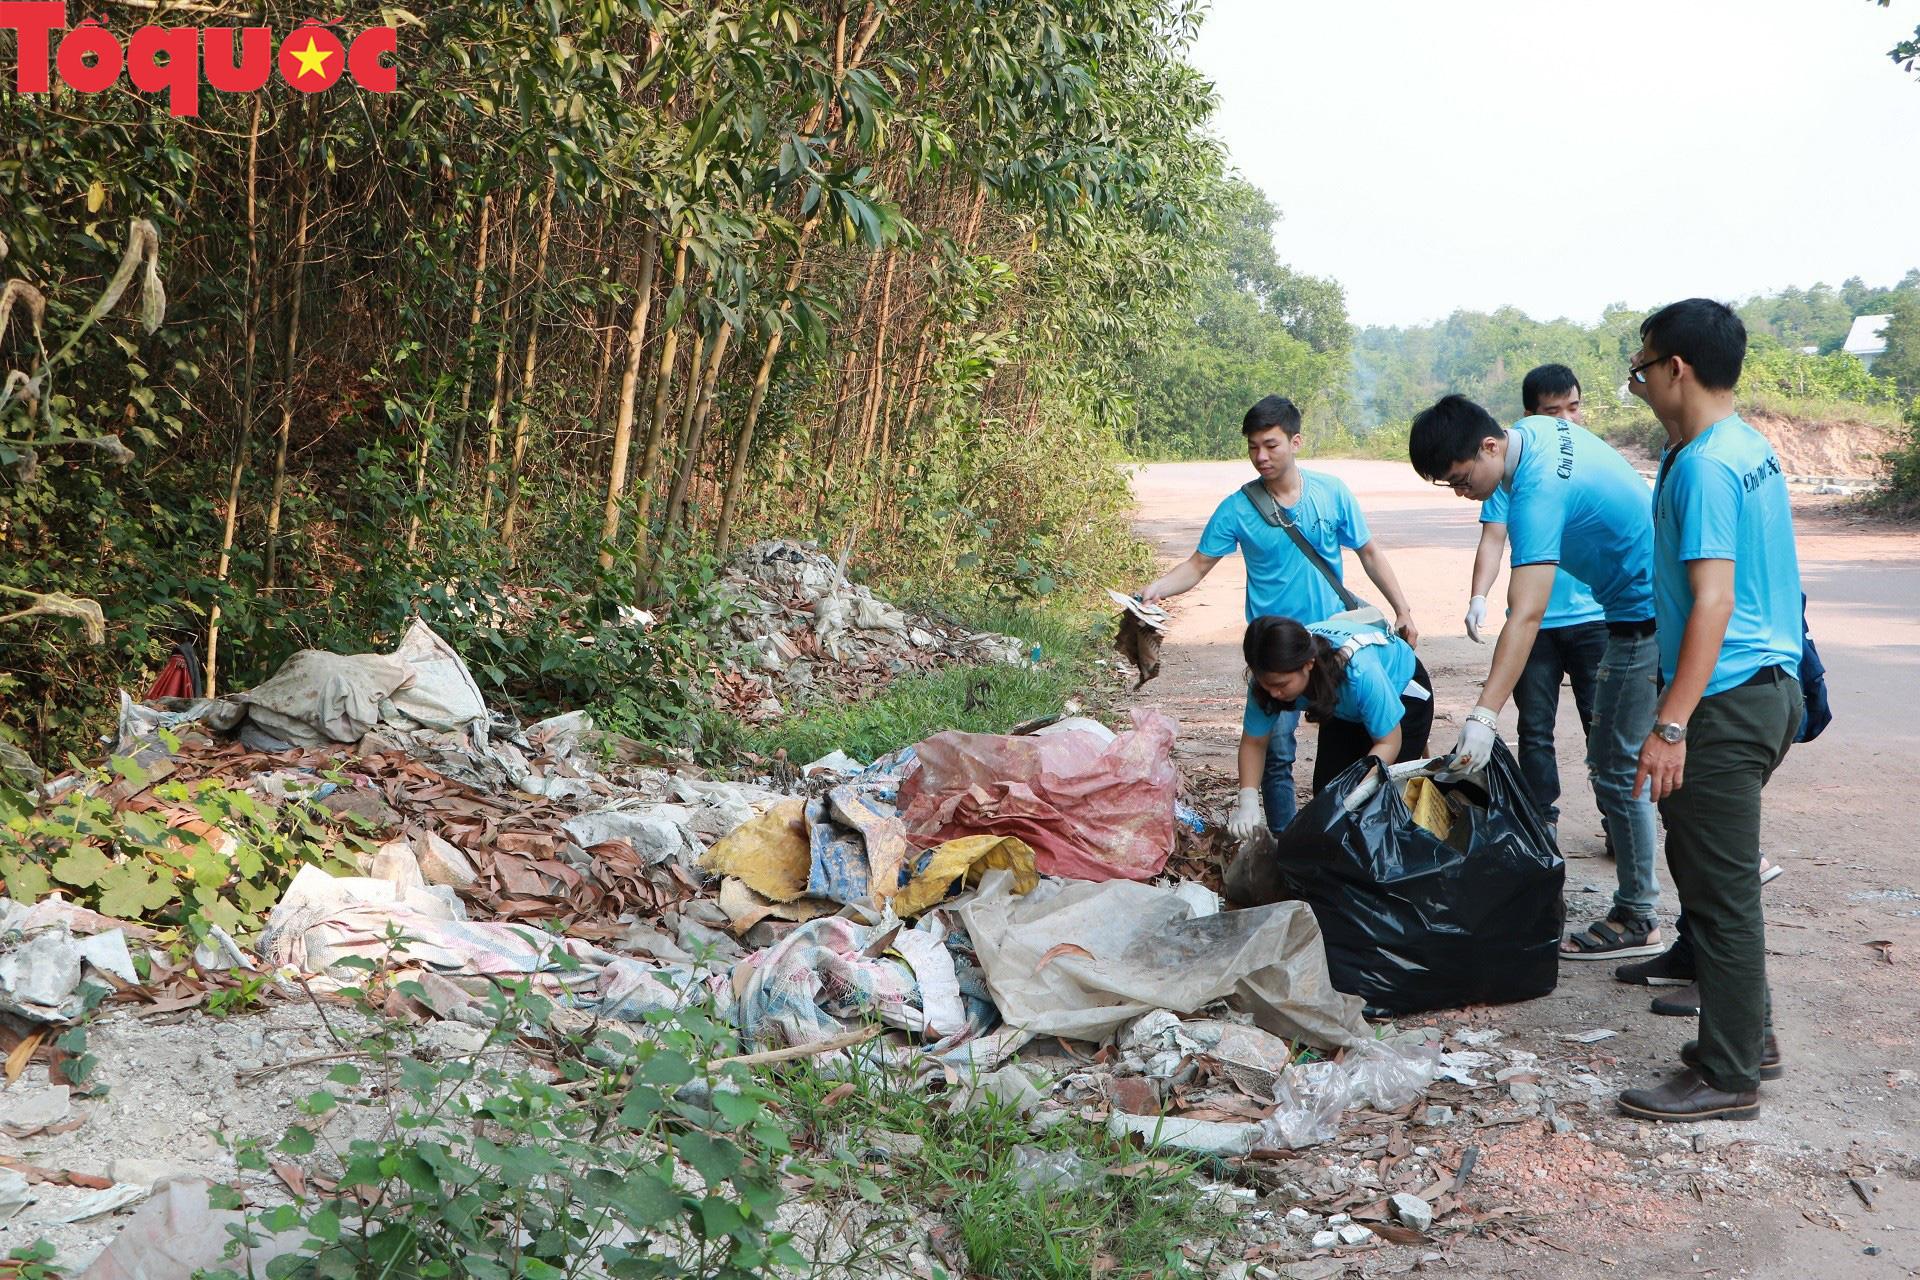 Phóng viên tại Huế nhặt rác làm sạch di tích, hưởng ứng Ngày chủ nhật xanh - Ảnh 4.